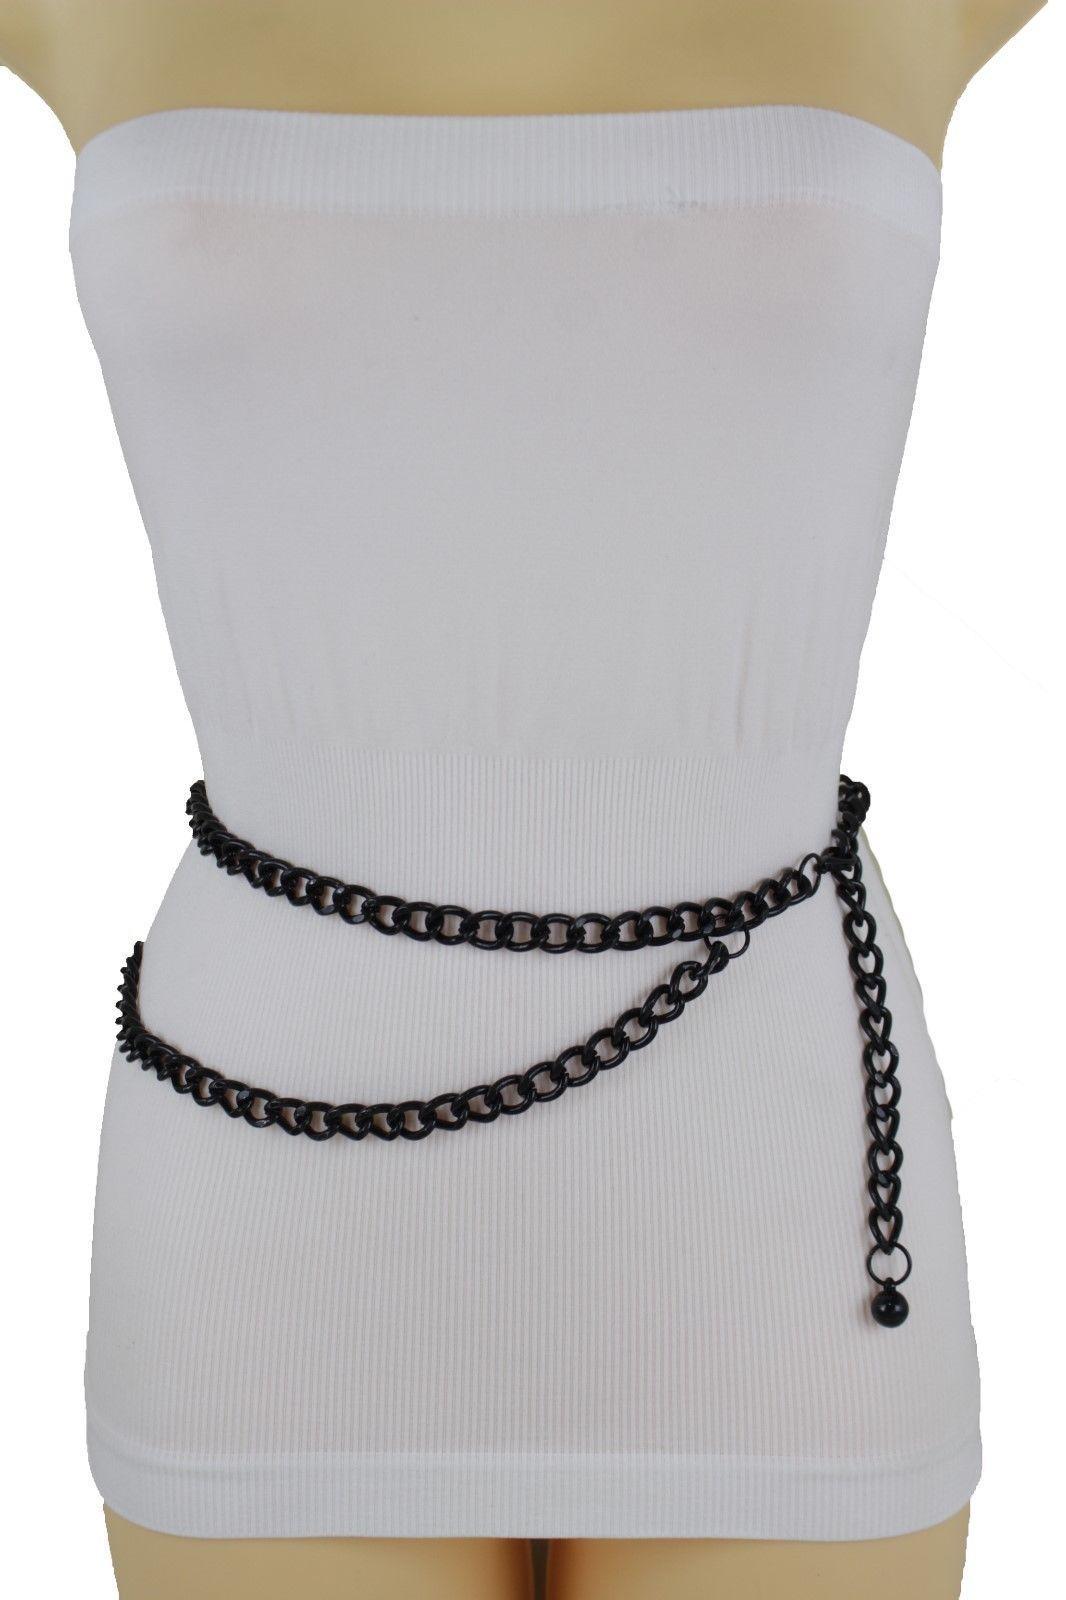 e422d5f1114e9 Black Silver Gold Hot Women Belt Metal Chain Links Hip Waist New Biker Punk  Fashion Accessories